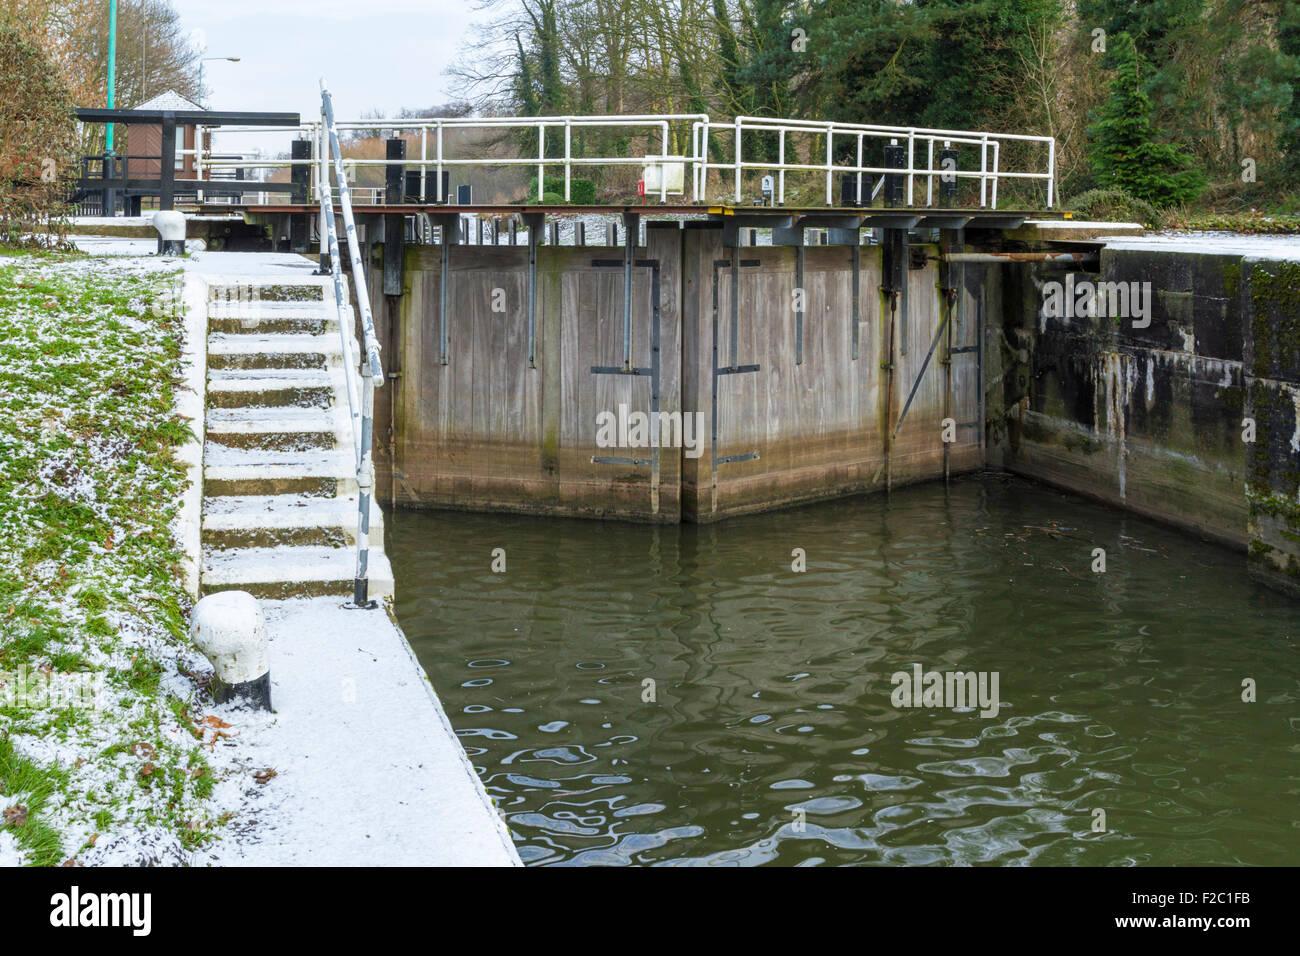 Stoke Lock gates in winter, on the River Trent, Stoke Bardolph, Nottinghamshire, England, UK - Stock Image